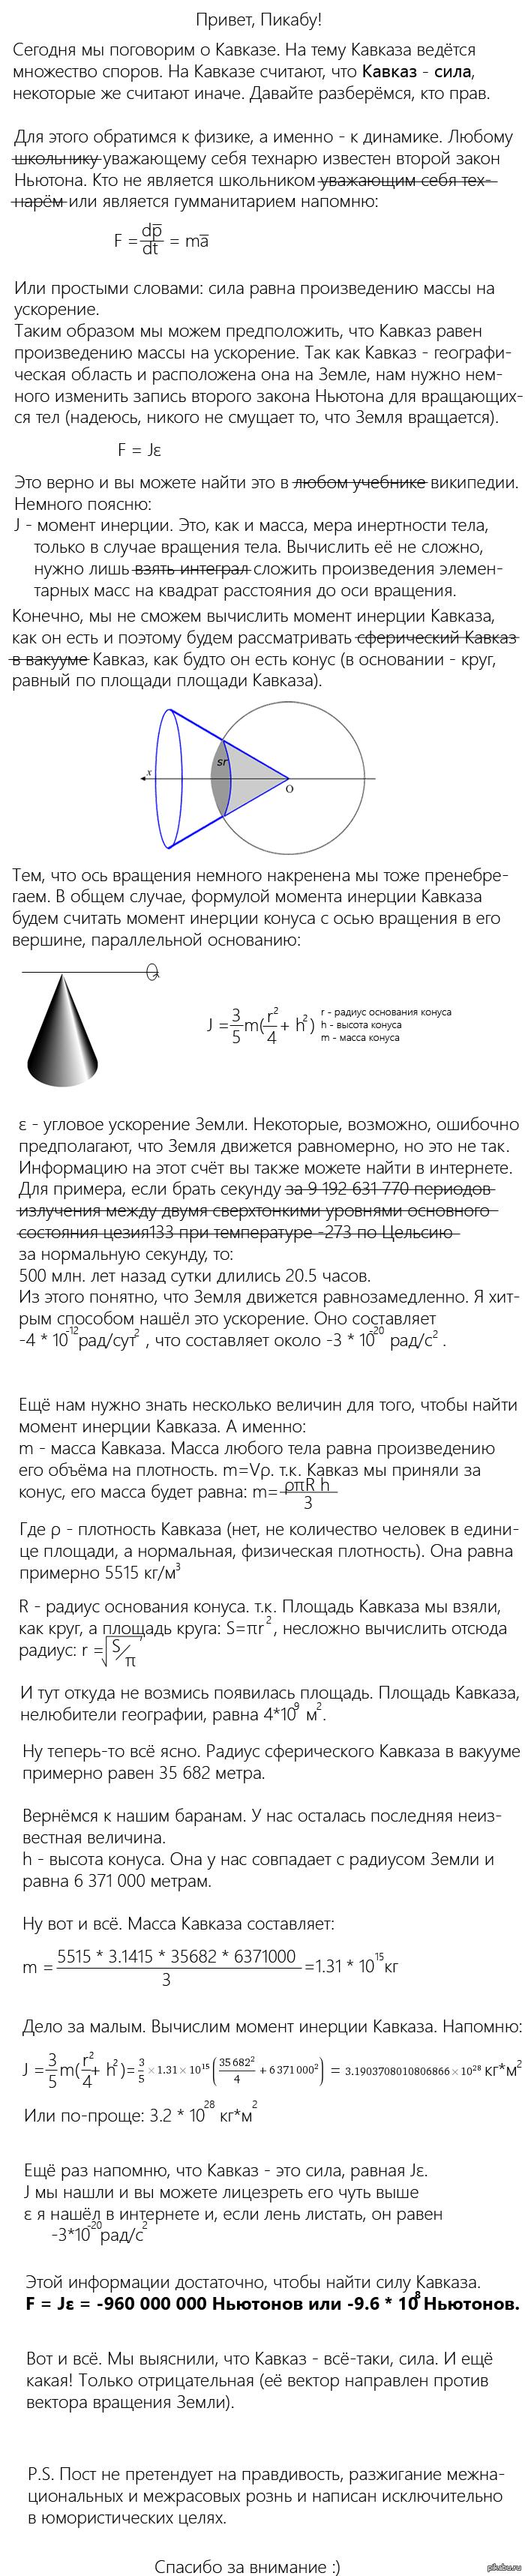 Кавказ - сила с точки зрения физики.